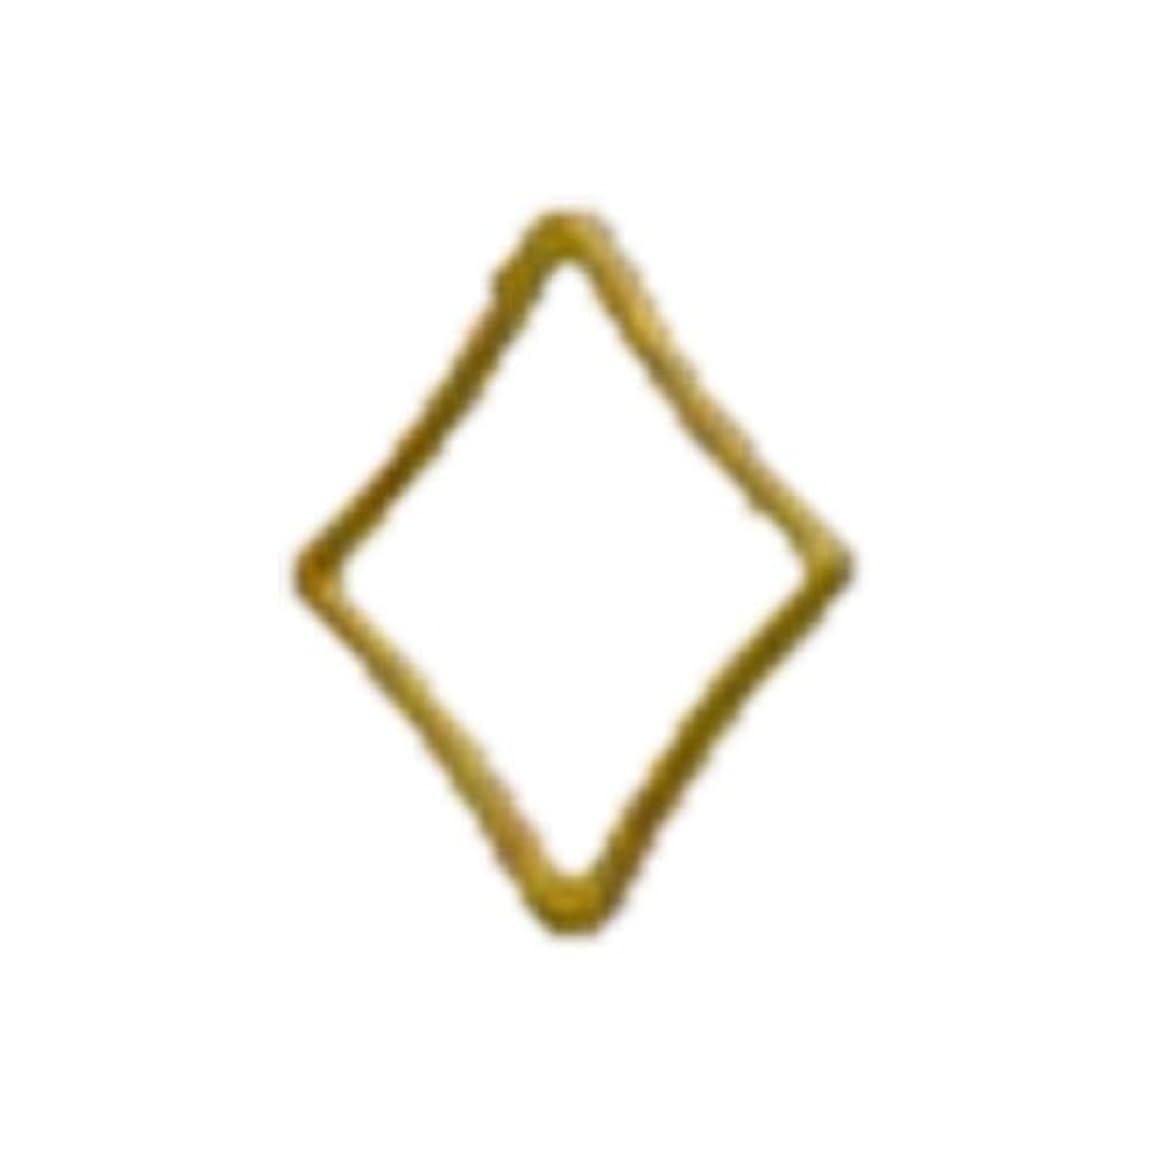 トリッキー二週間スペイン語リトルプリティー ネイルアートパーツ キラキラ 3S ゴールド 20個